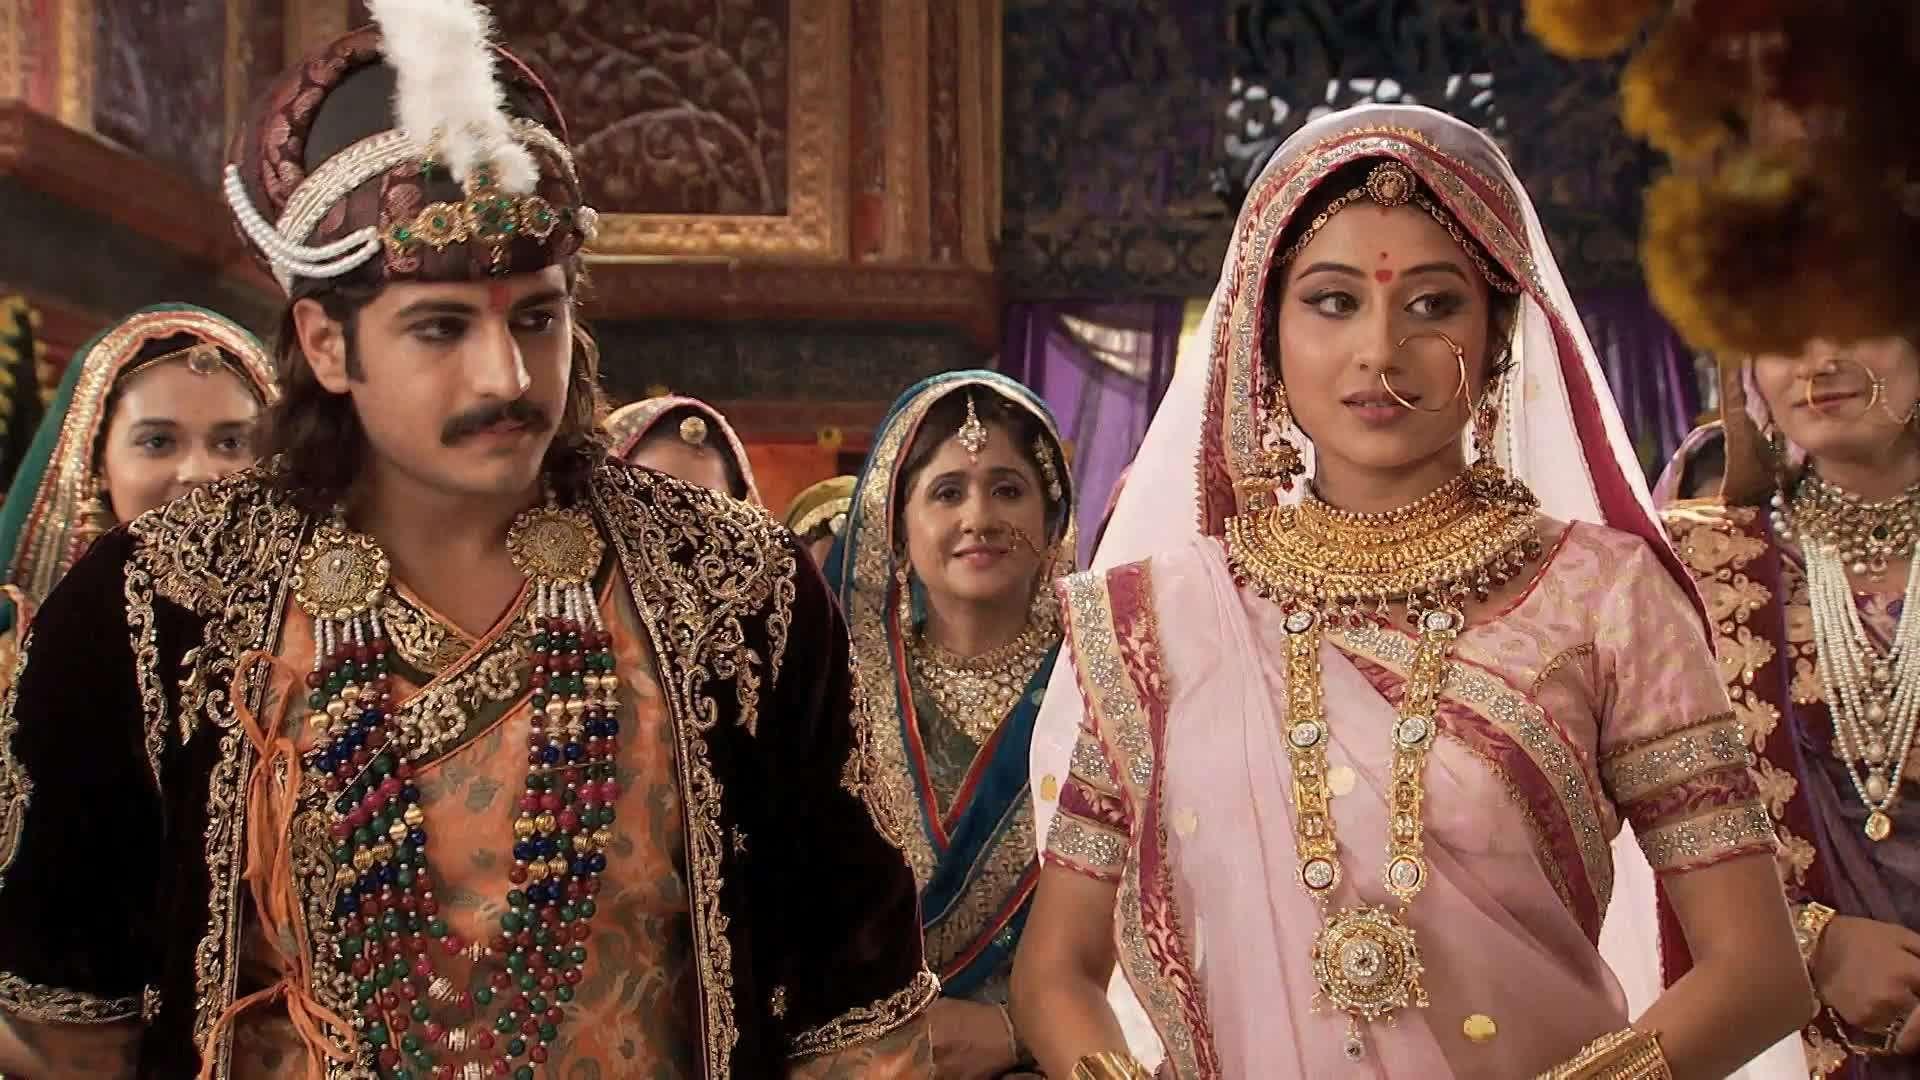 المسلسل الهندي التاريخي جودا أكبر الجزء الثاني (2013) [مدبلج] كامل 1080p تحميل تورنت 23 arabp2p.com